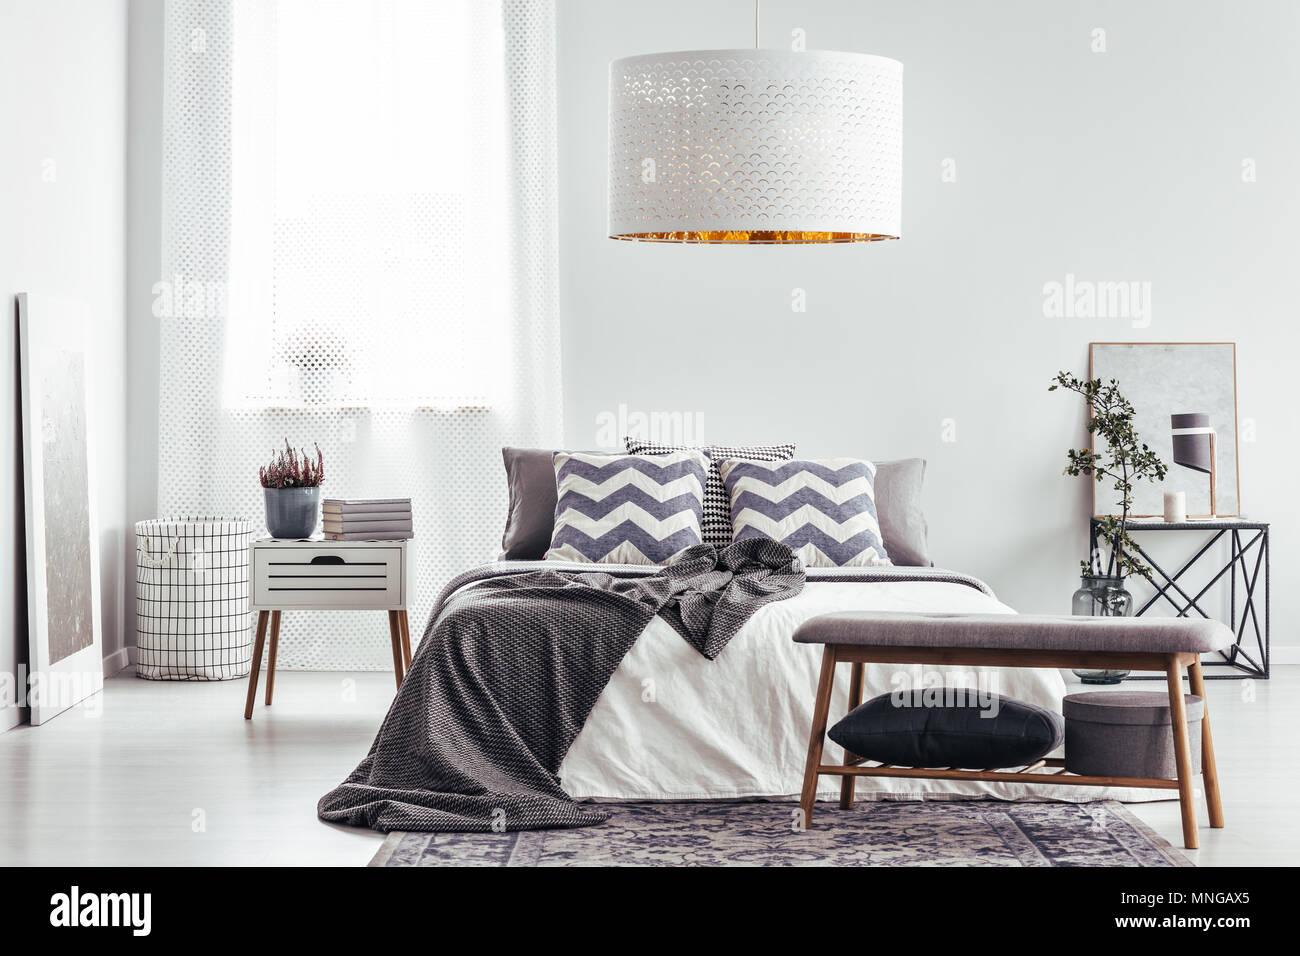 Cuscini modellato e la coperta sul letto in camera da letto